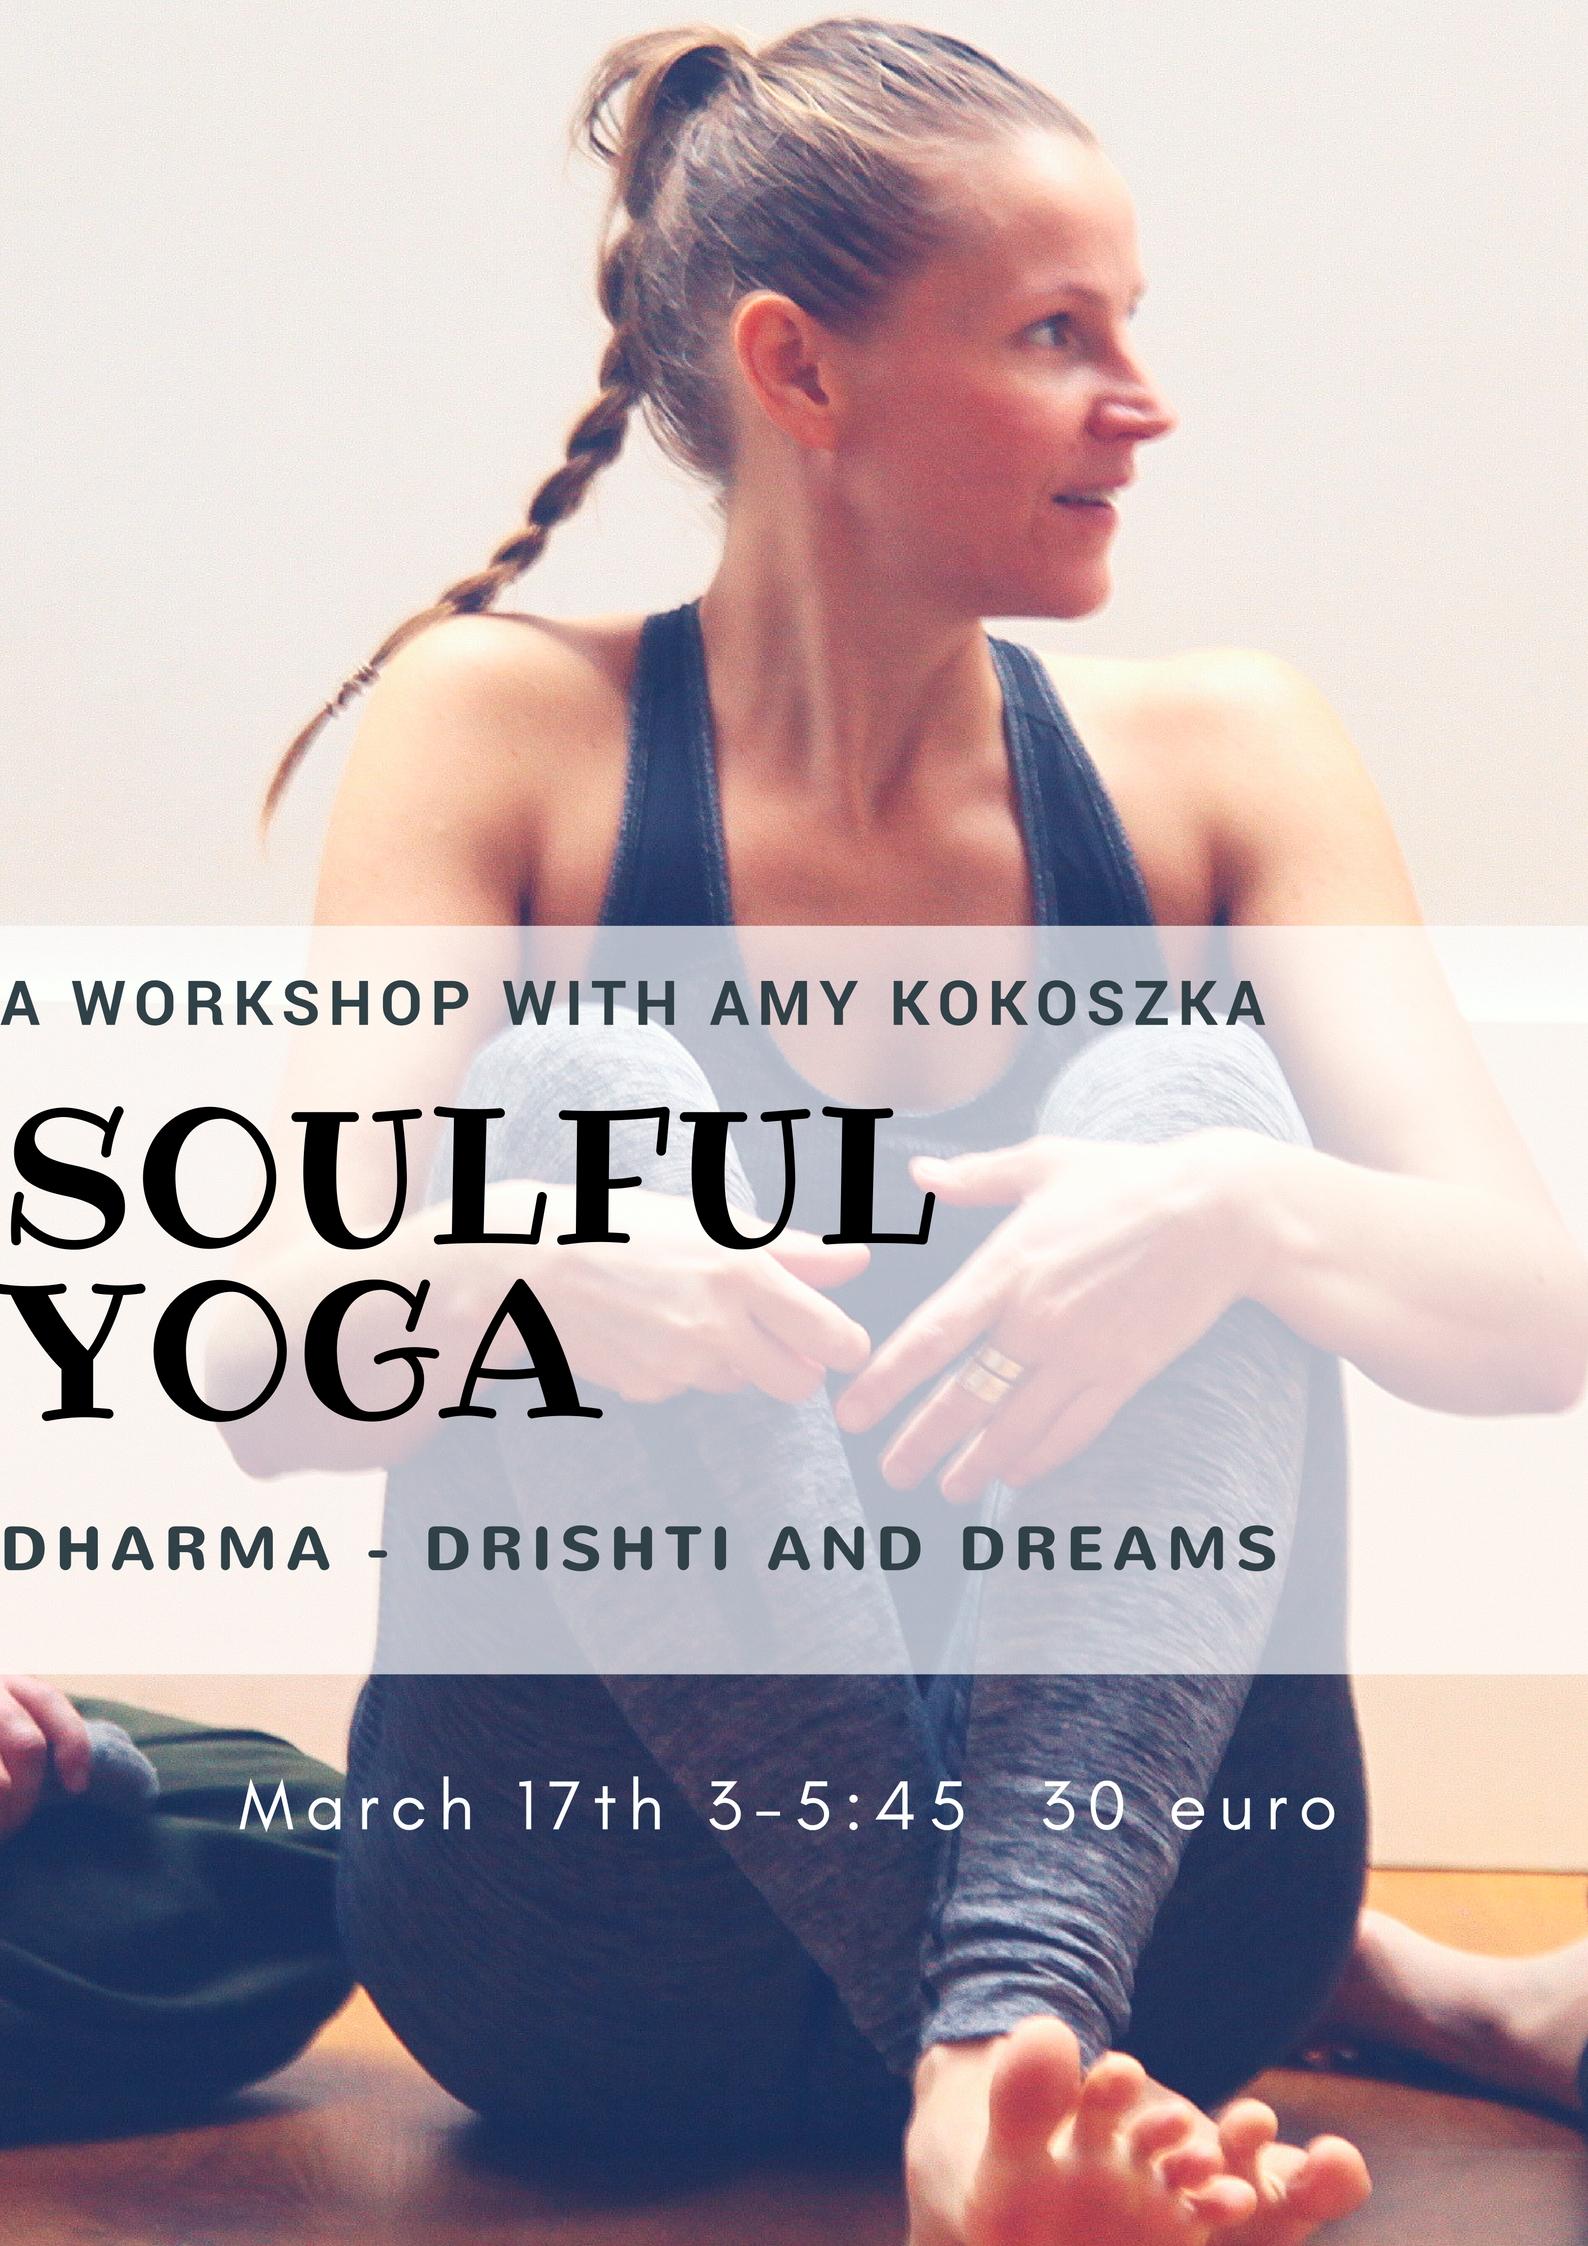 Dharma Drishti and Dreams